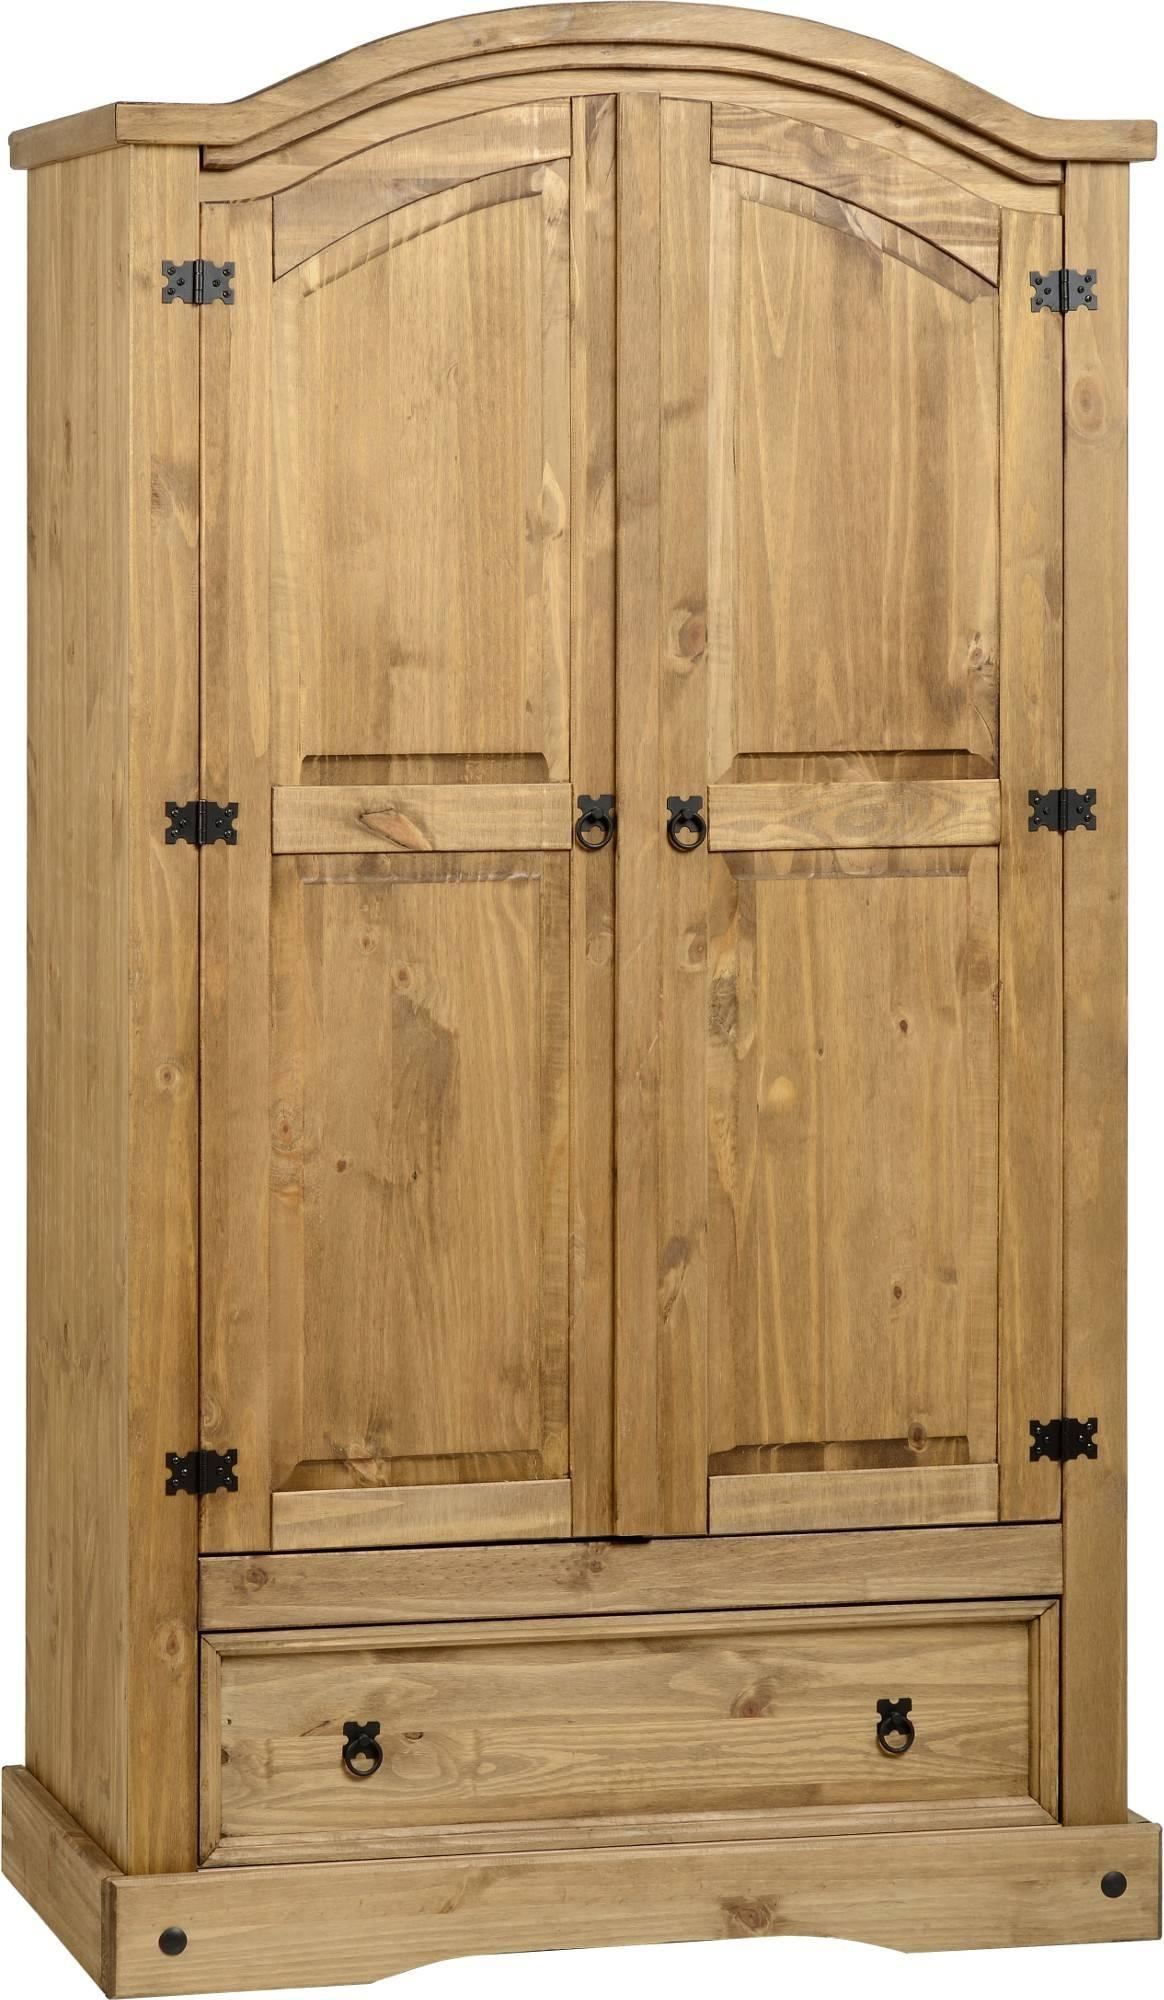 Corona Pine 2 Door Wardrobe With Drawer – Default Store View With Corona Wardrobes With 3 Doors (View 11 of 15)